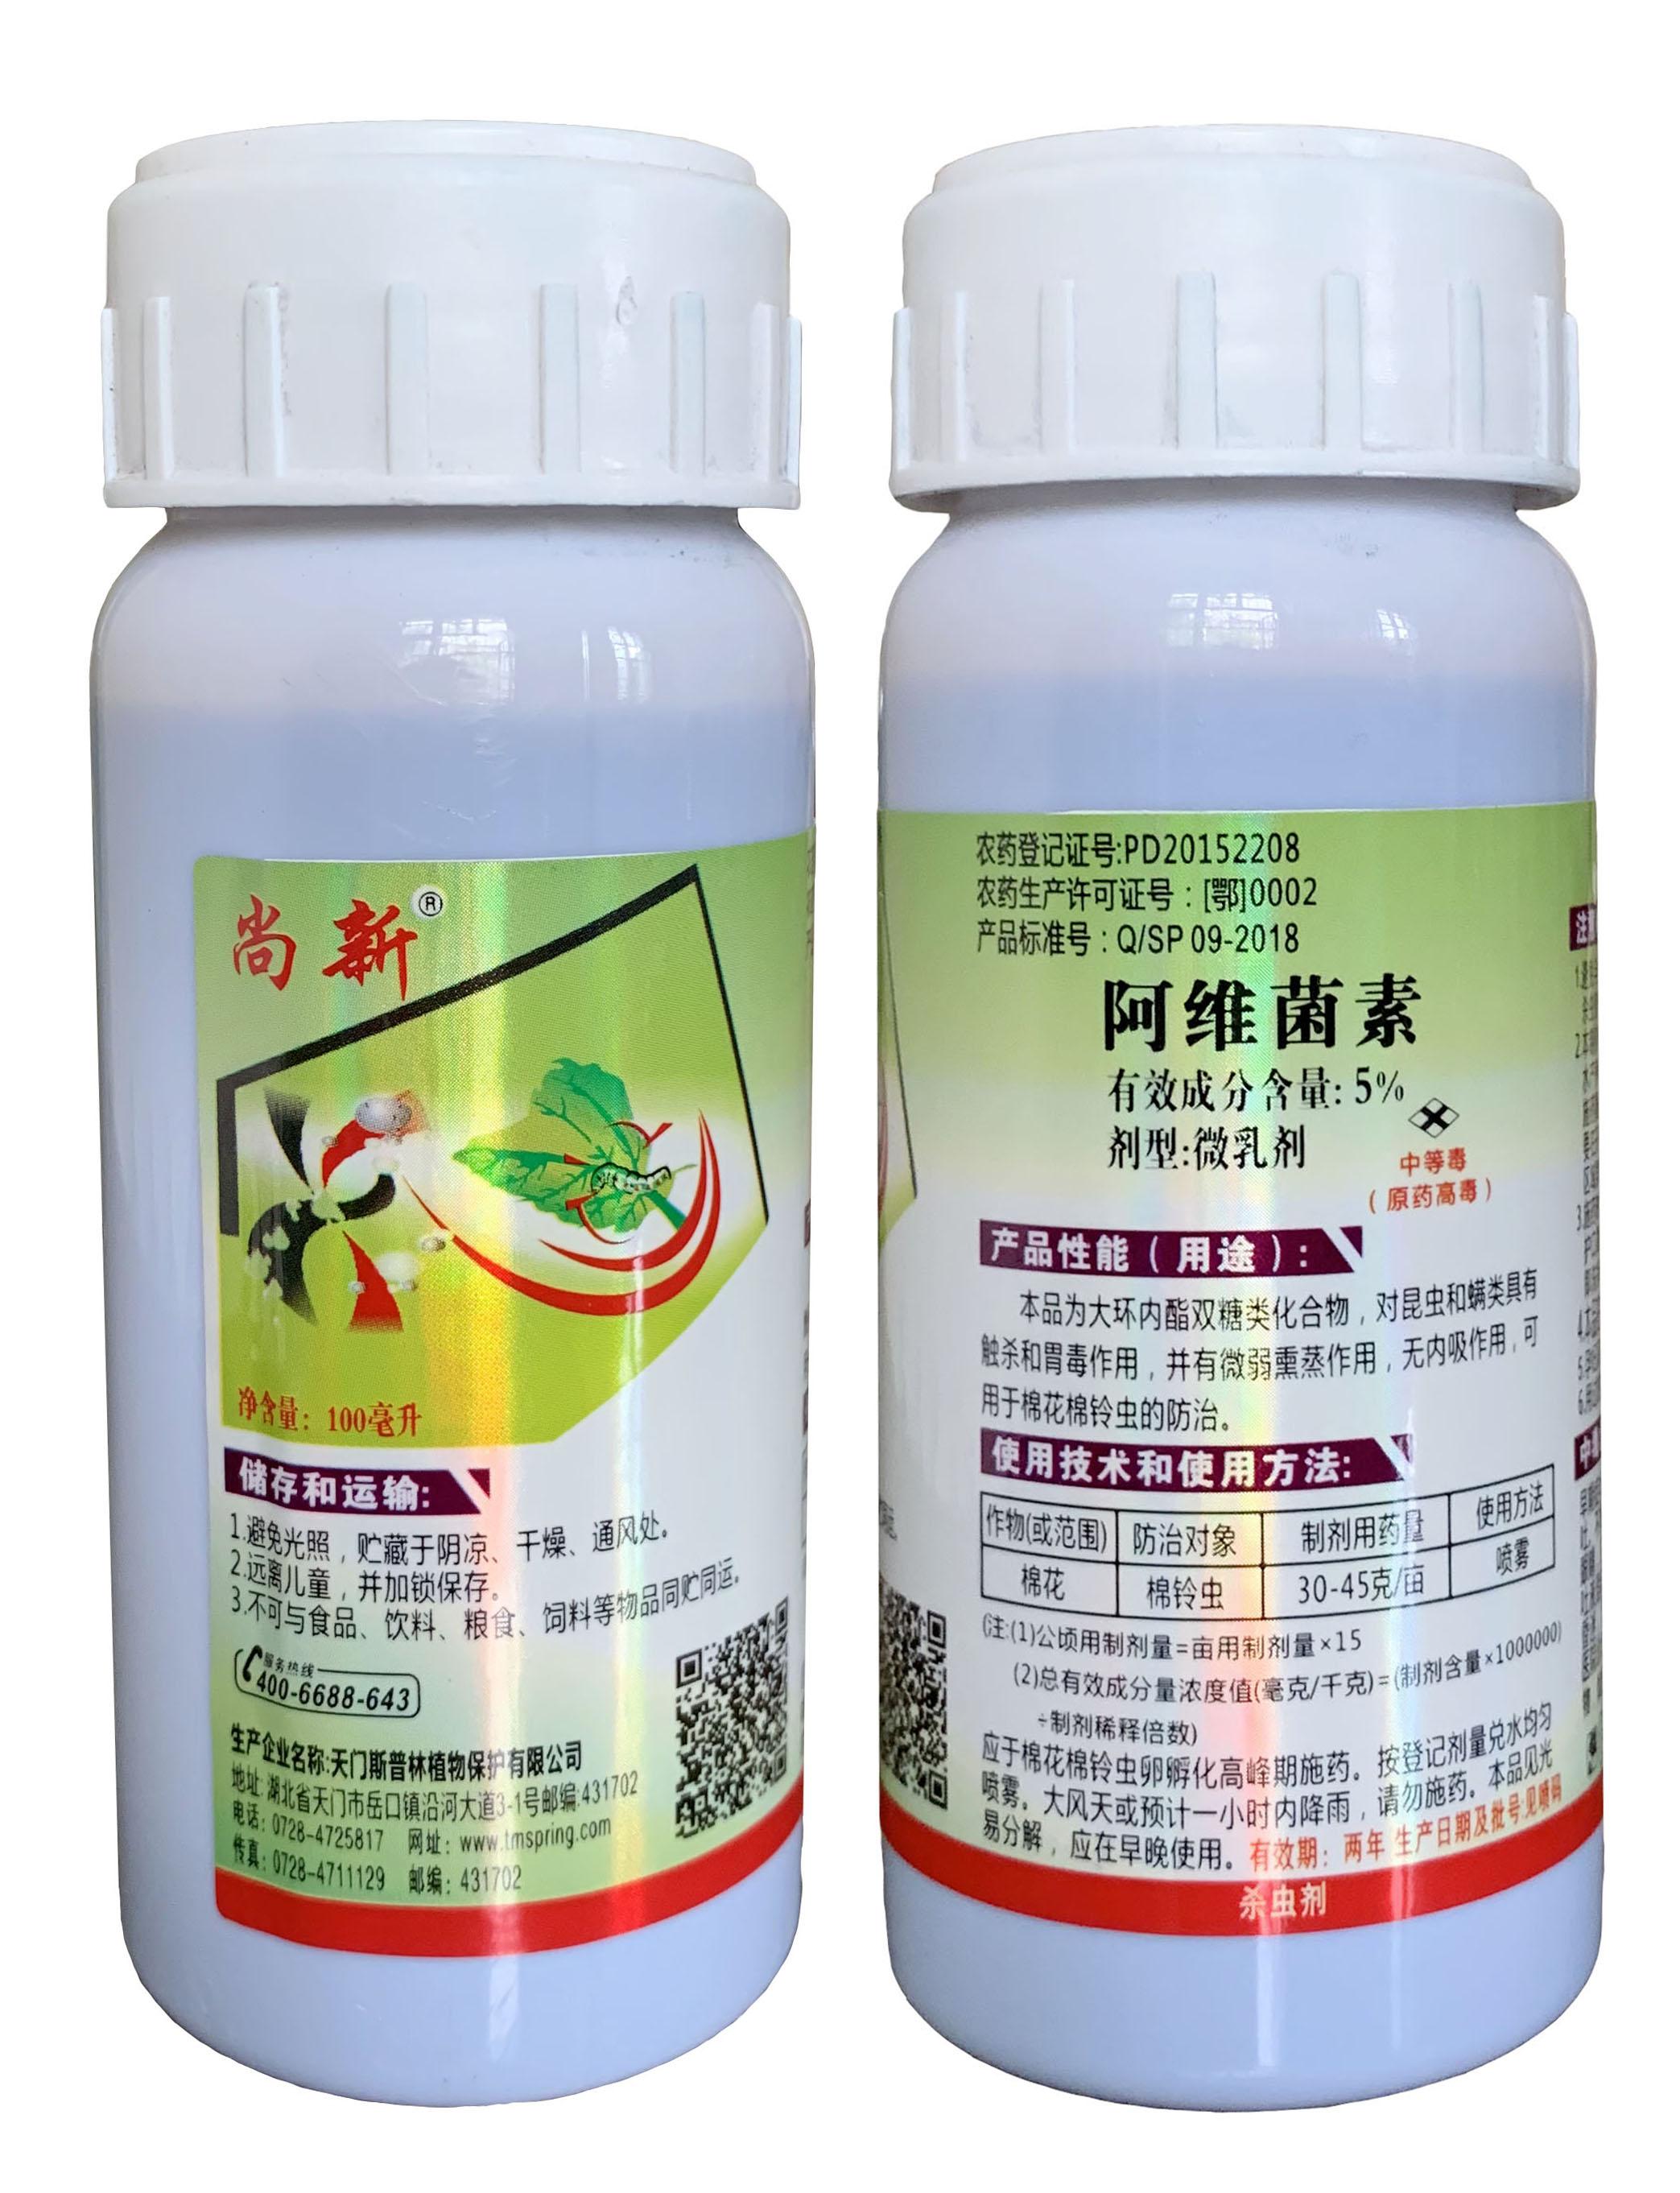 尚新(5%阿维菌素微乳剂)